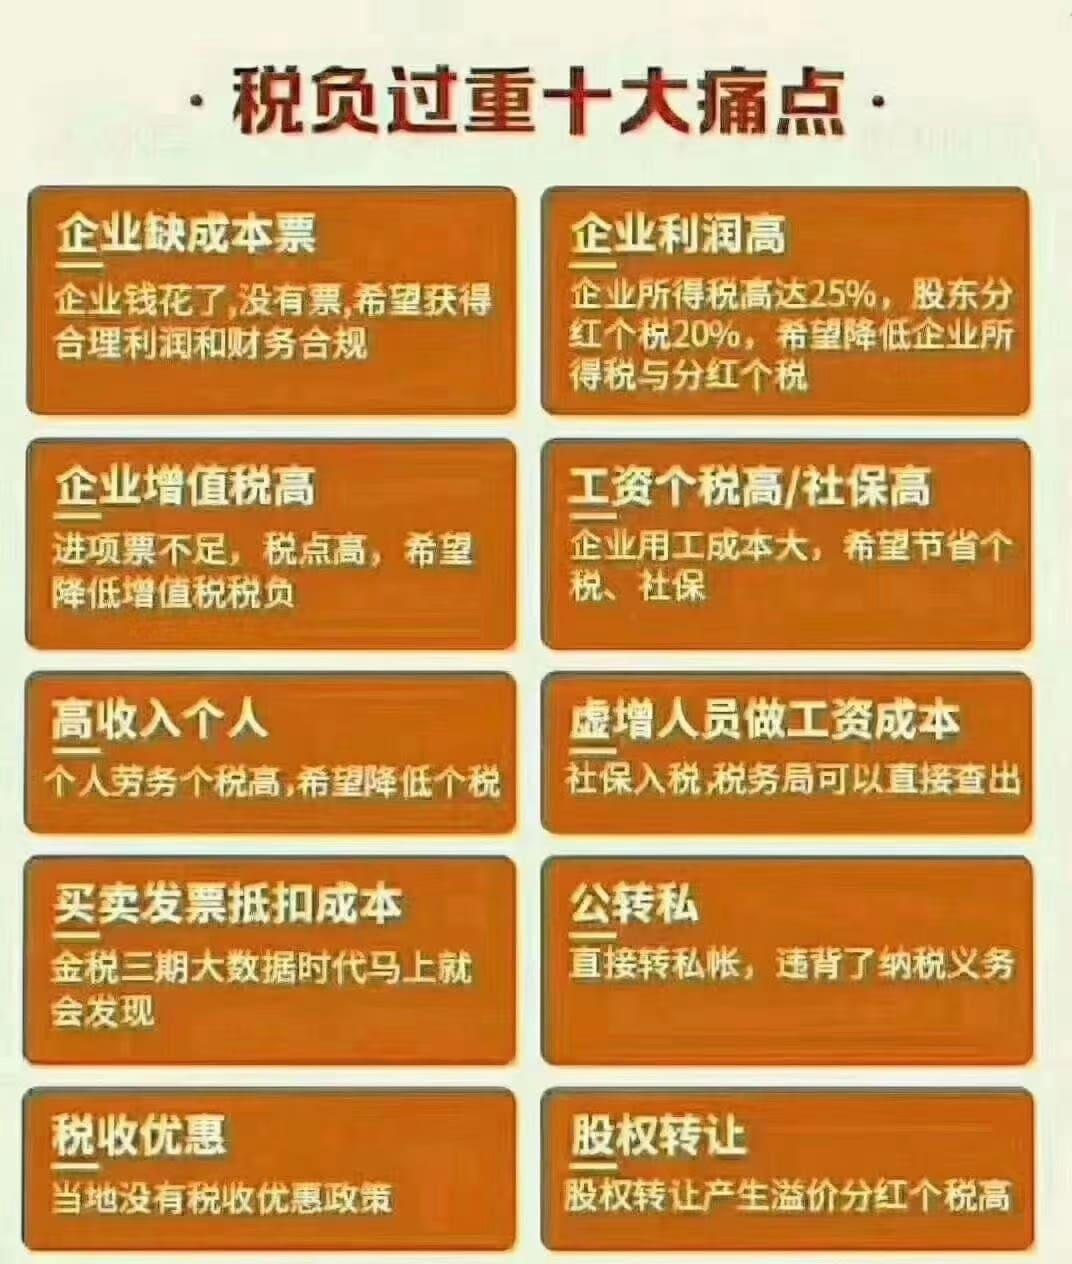 唐山北京注销企业如何处理